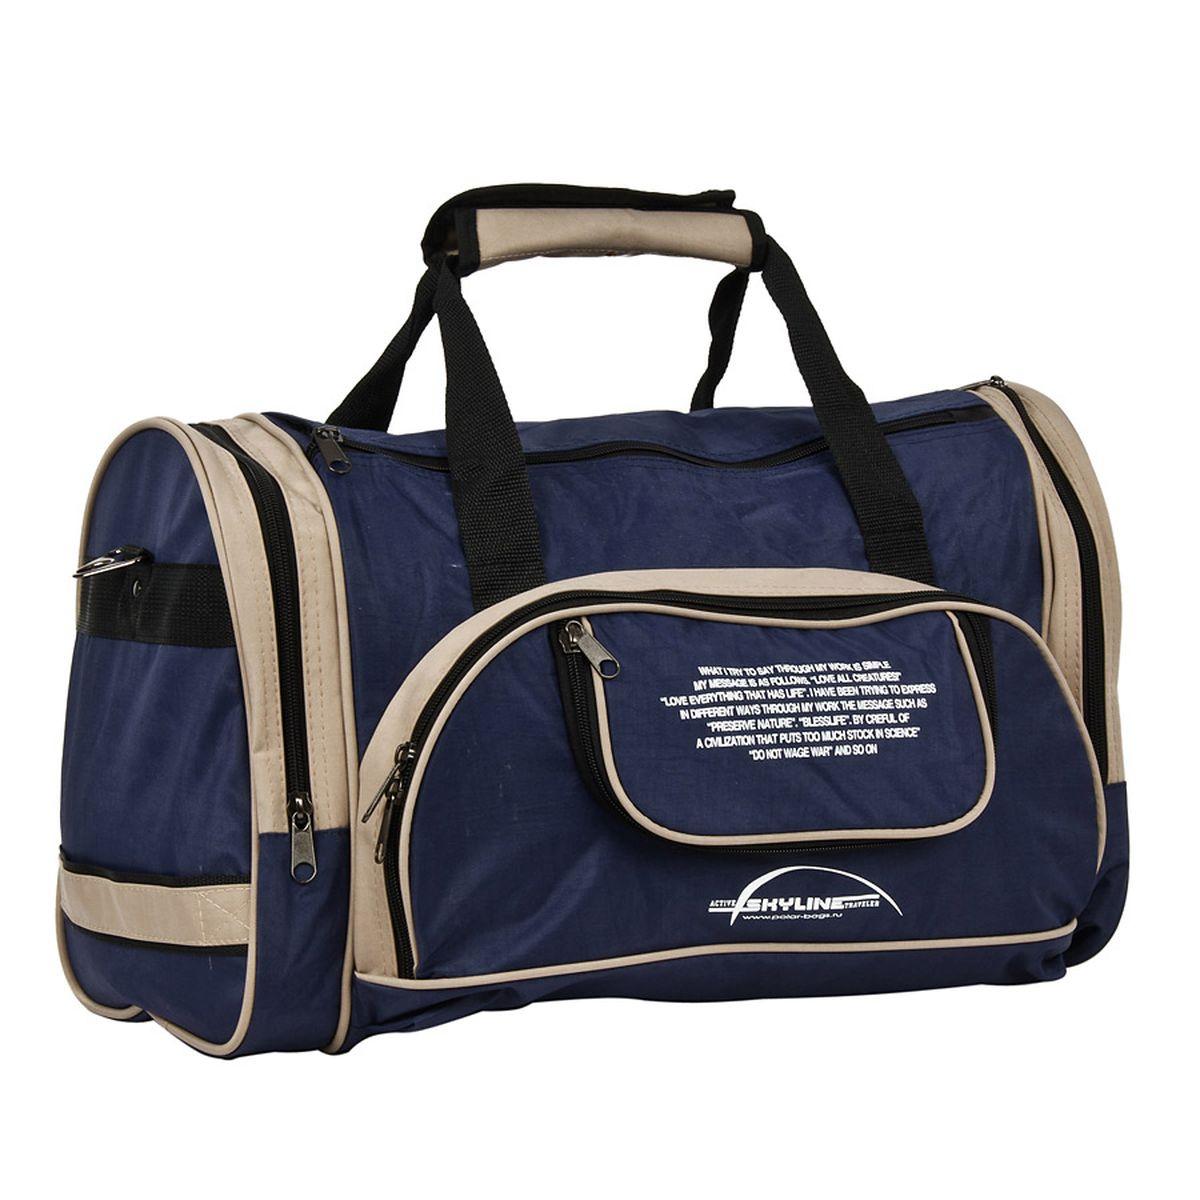 Сумка спортивная Polar, цвет: синий, бежевый, 37,5 л. 60656065_синий, бежевыйМатериал – полиэстер с водоотталкивающей пропиткой. Вместительная спортивная сумка среднего размера. Одно отделение. Два боковых кармана и два кармана на передней части. В комплект входит съемный плечевой ремень. Эта сумка идеально подойдет для спорта и отдыха. Спортивная сумка для ваших вещей.